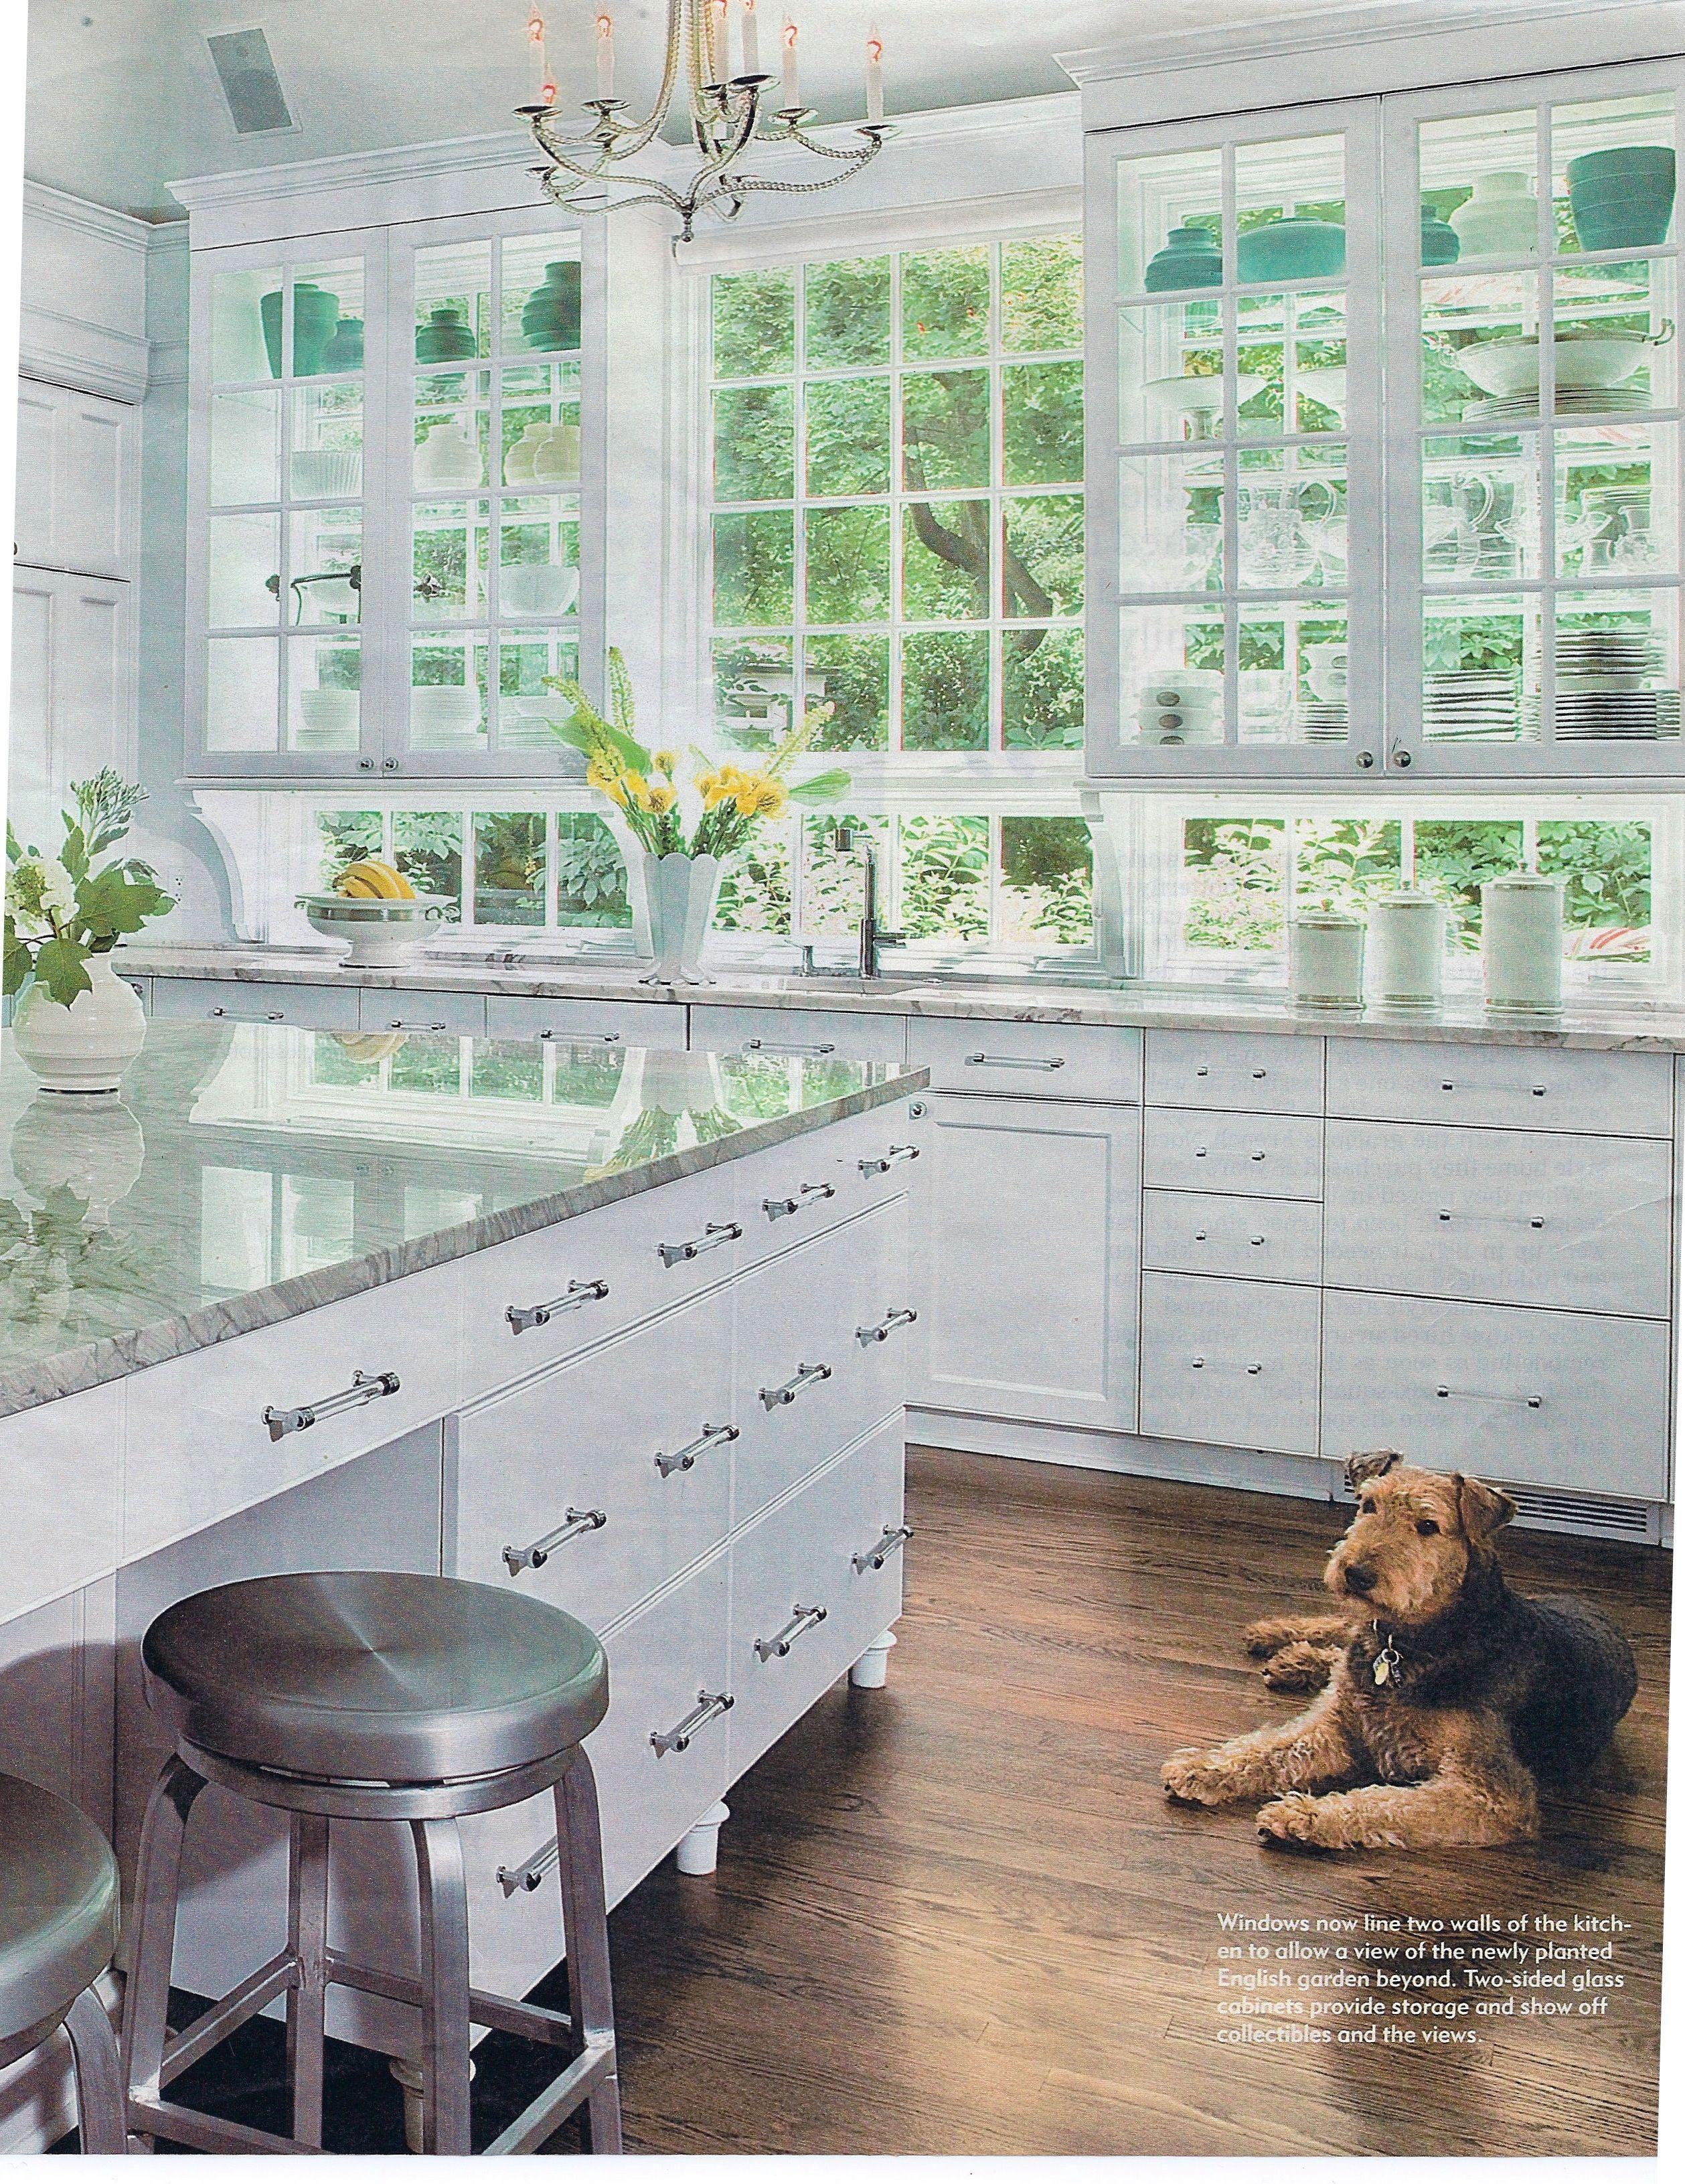 Kitchen Design Ideas Kitchen Display Cabinet Kitchen Remodel Kitchen Design